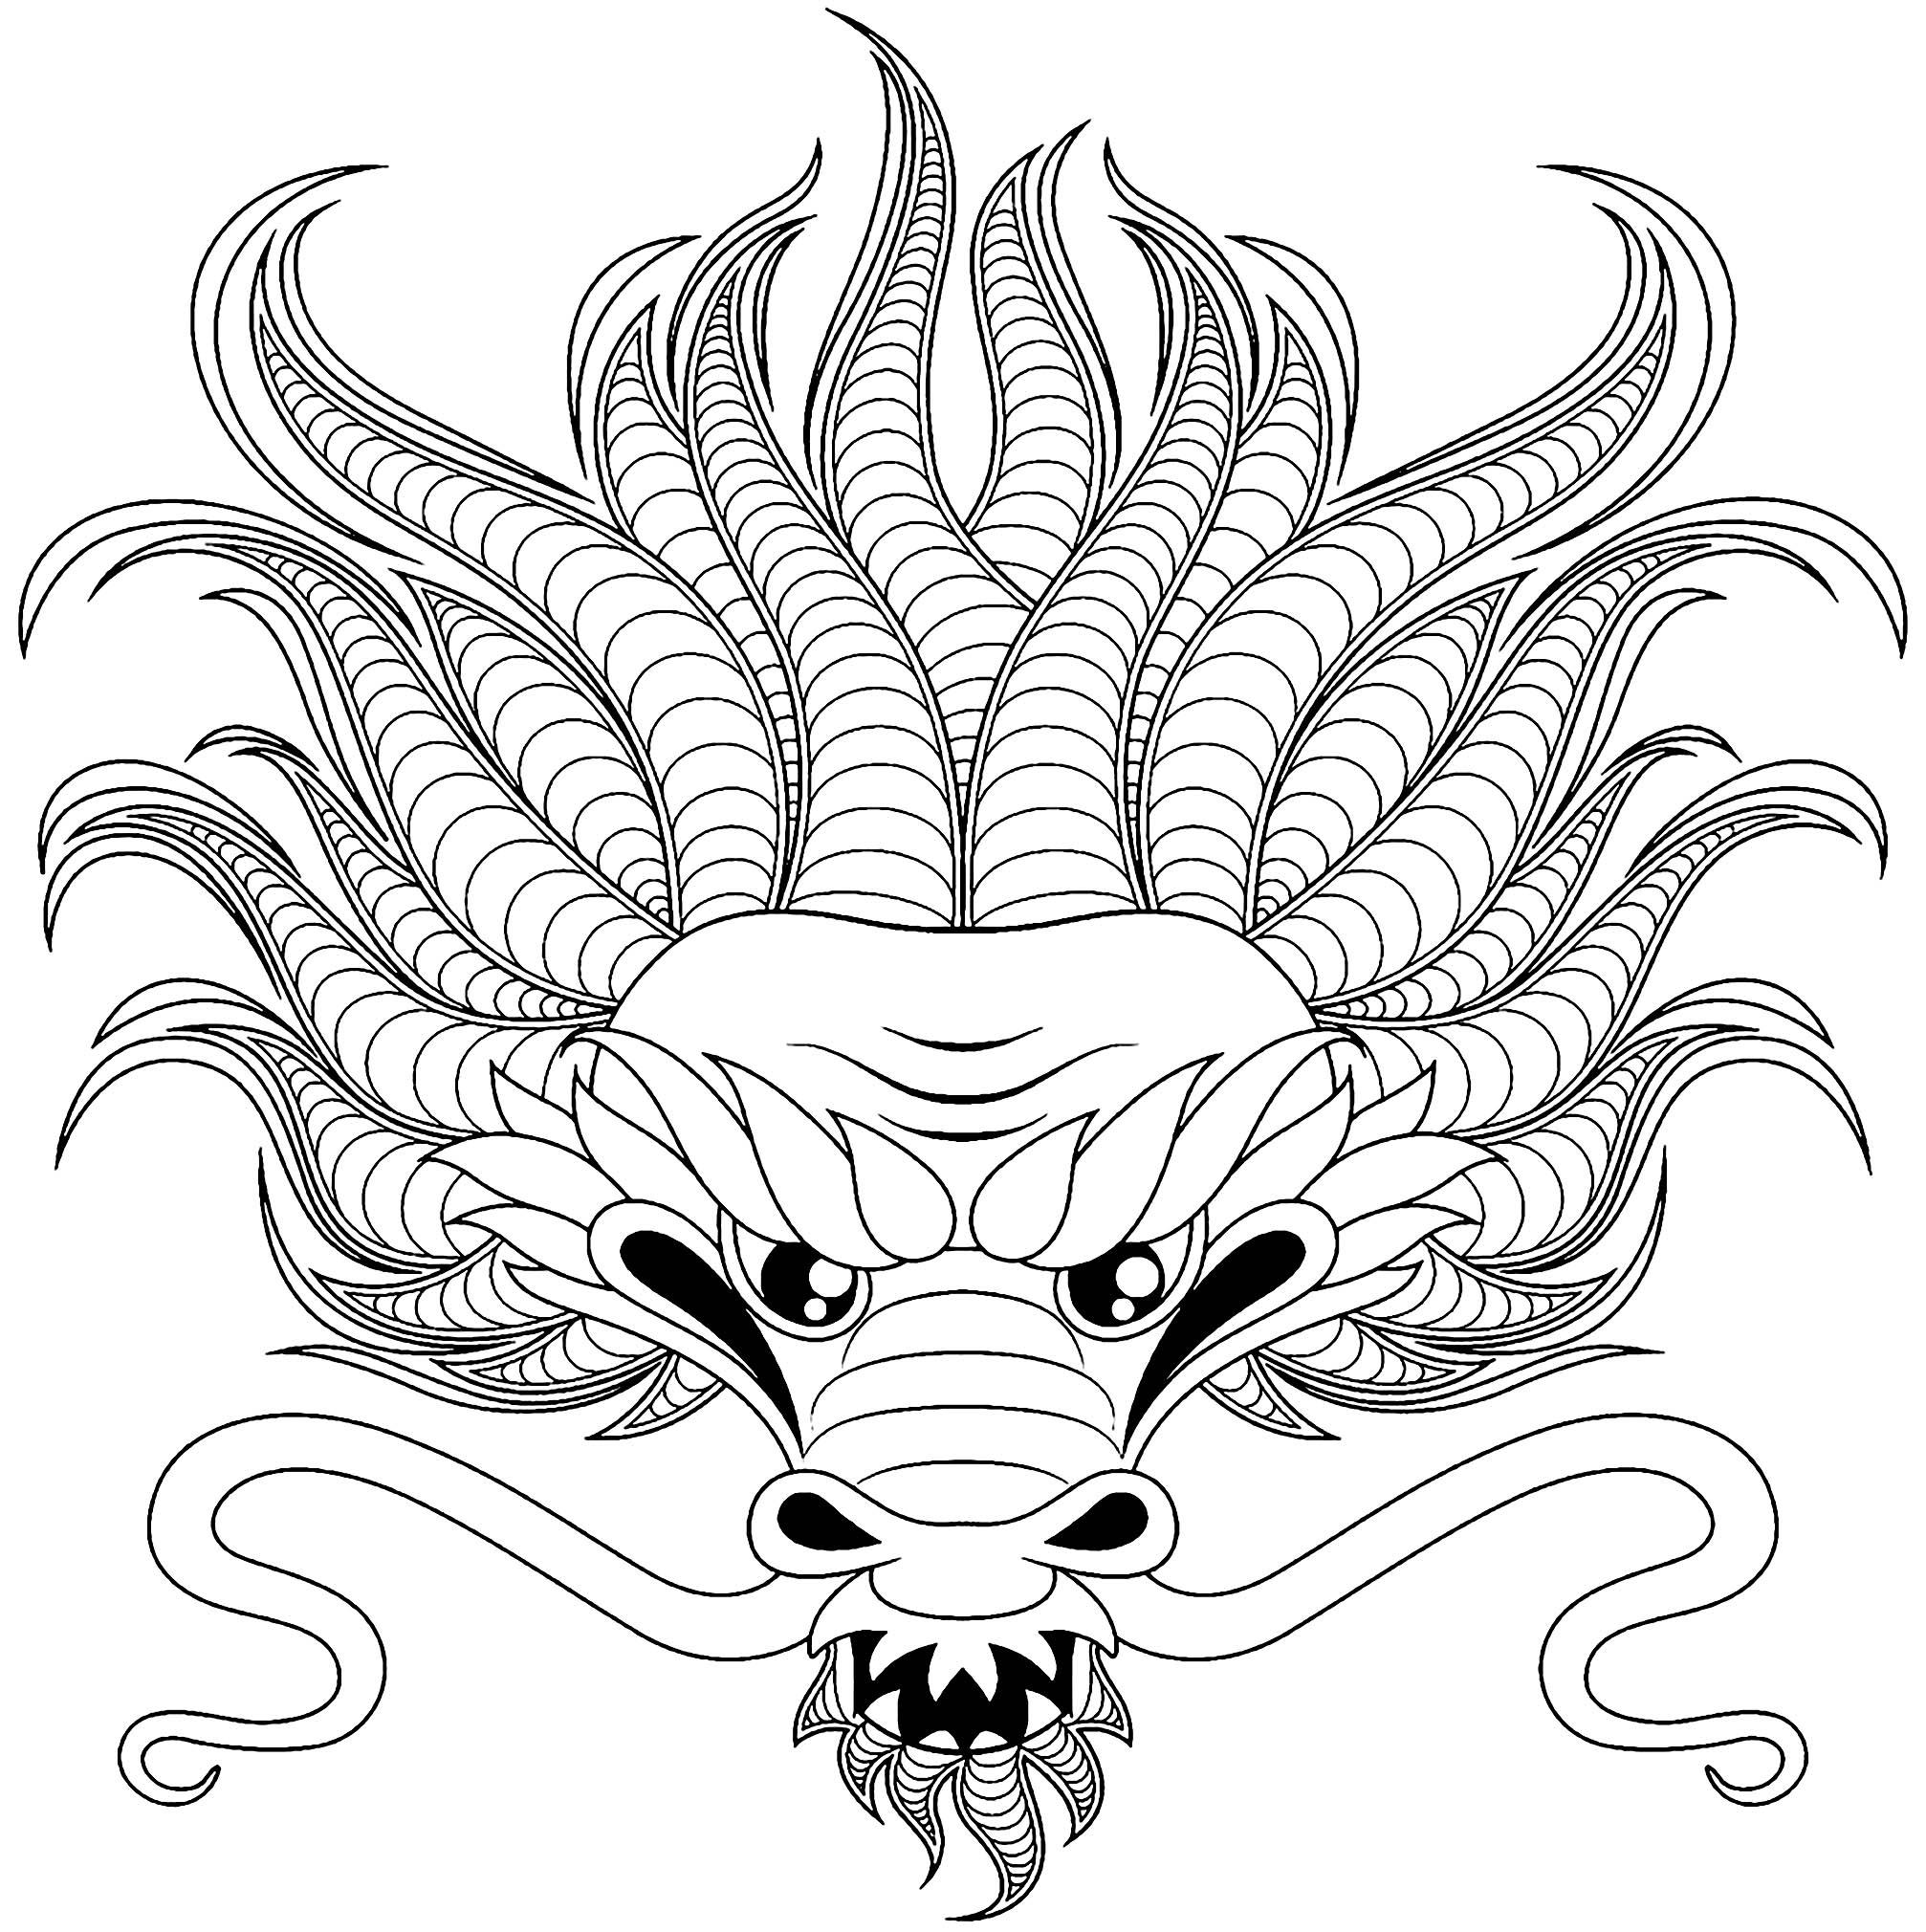 tete de dragon style tatouage dragons coloriages difficiles pour adultes. Black Bedroom Furniture Sets. Home Design Ideas